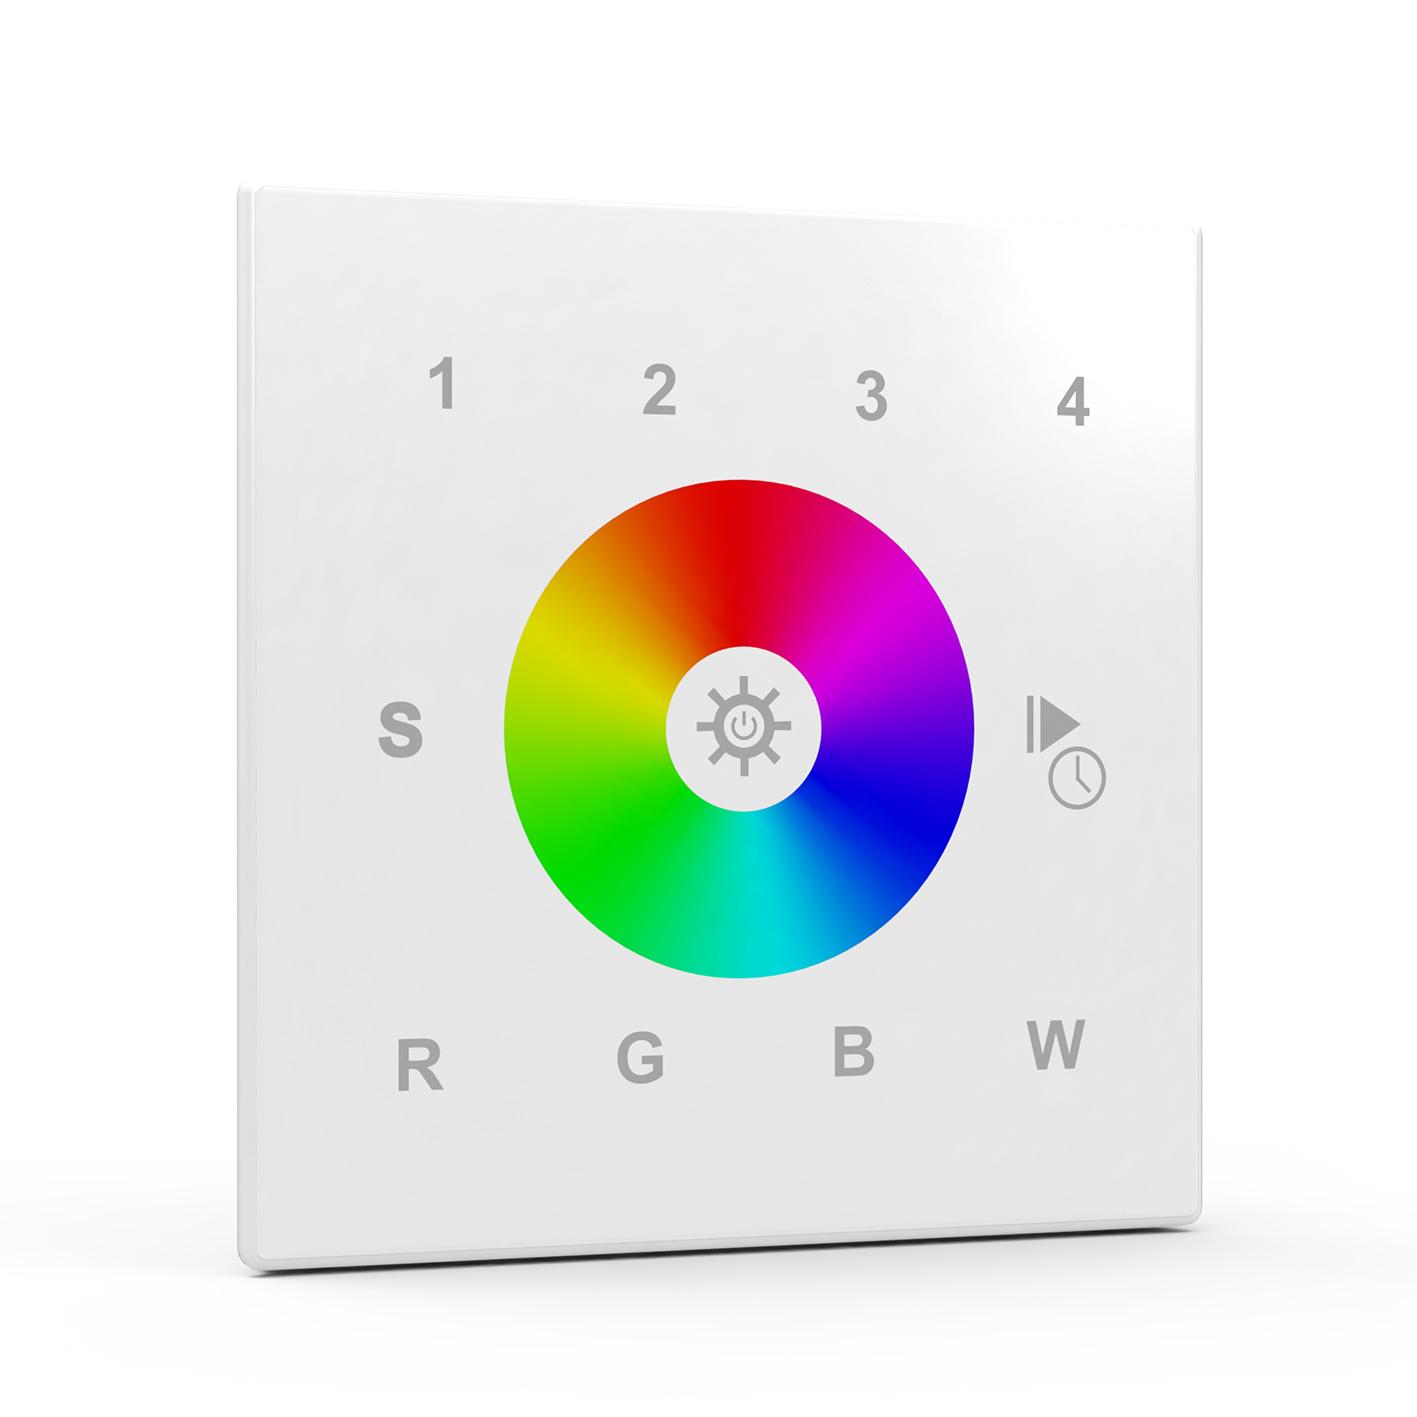 Multizone ZigBee RGBW Wall Controller